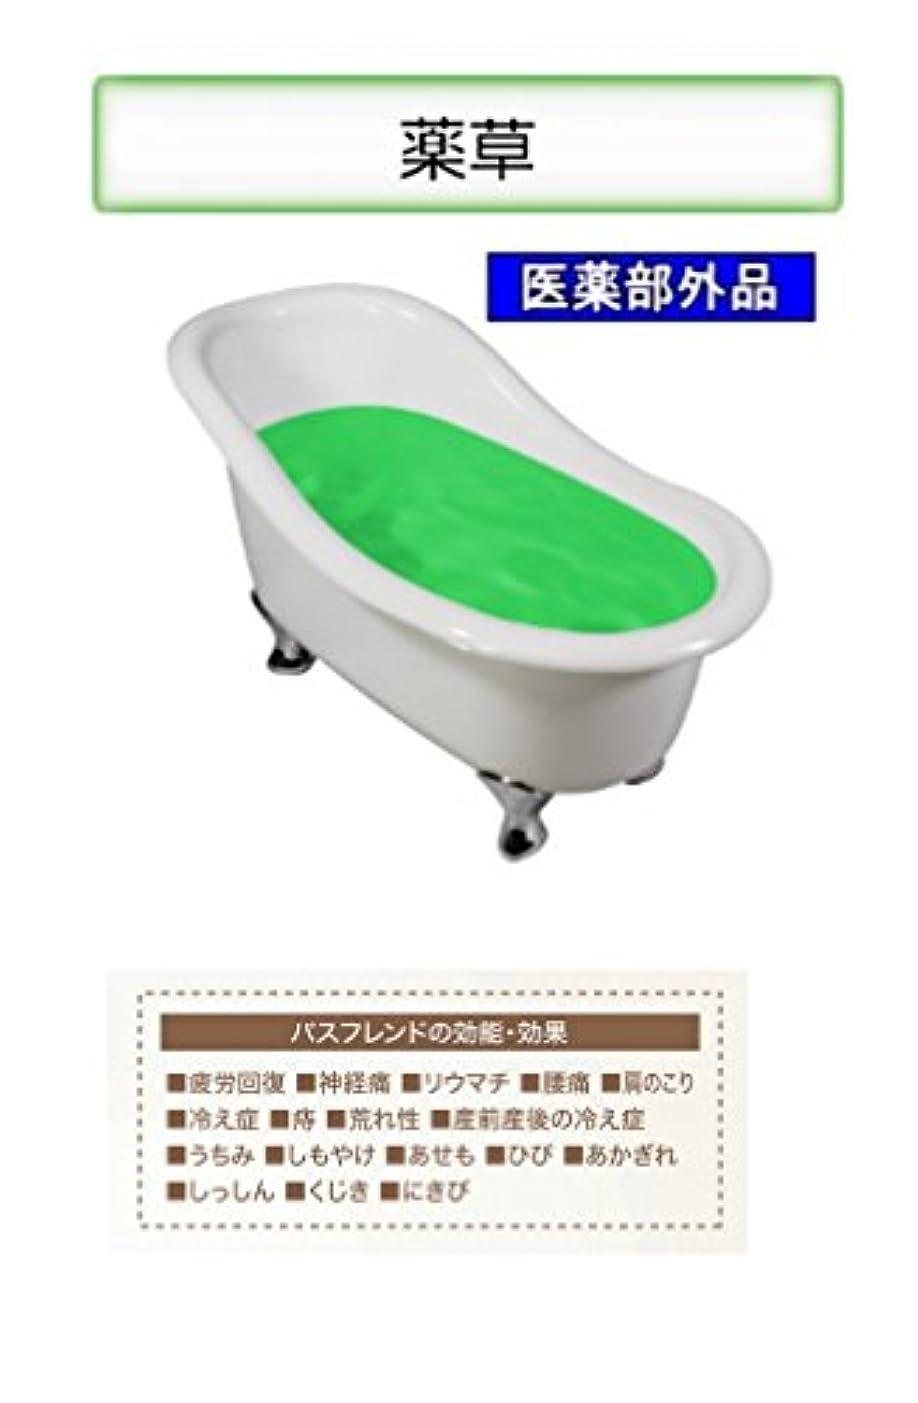 ぎこちないブッシュレビュアー薬用入浴剤 バスフレンド/伊吹正 (薬草, 17kg)